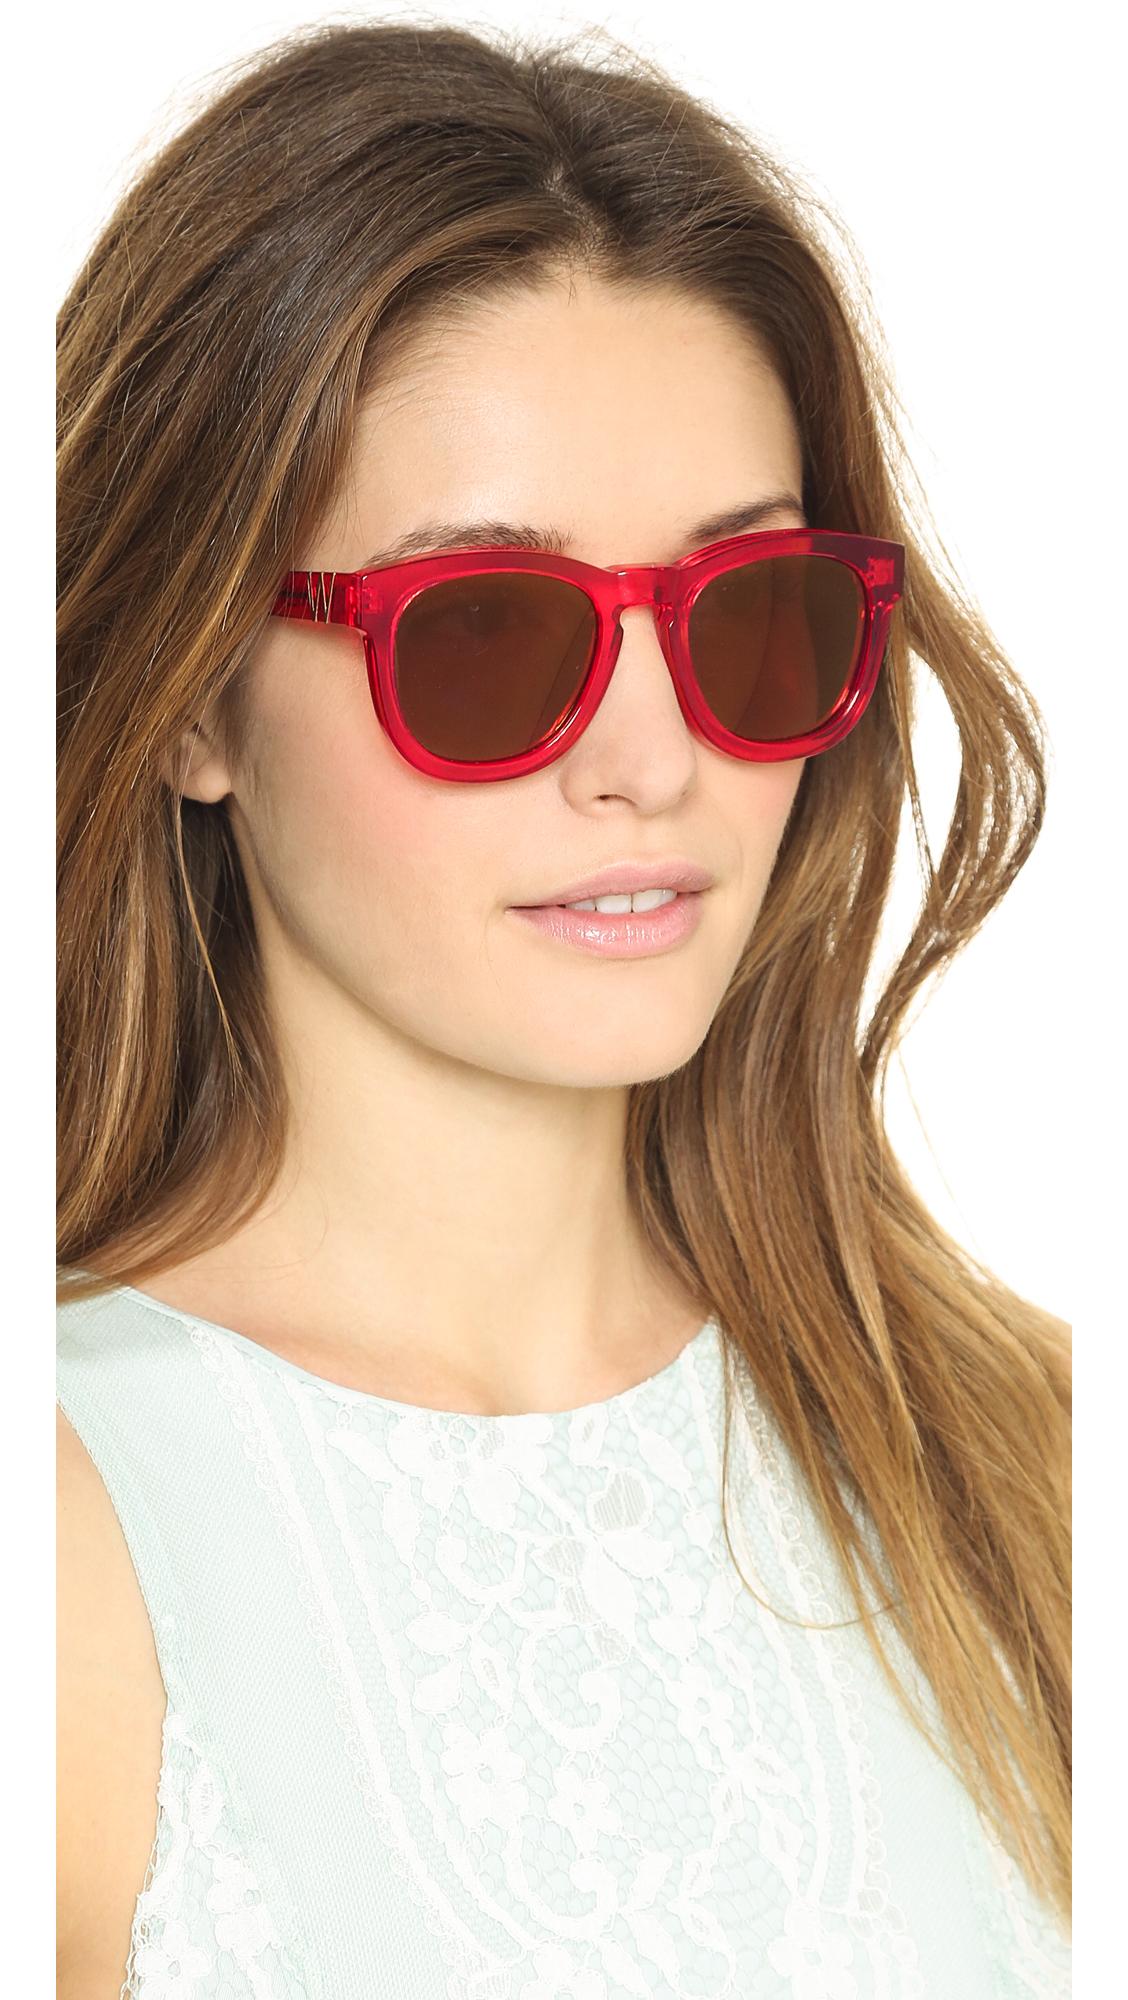 d733a7cabf2 Wildfox Classic Fox Deluxe Sunglasses